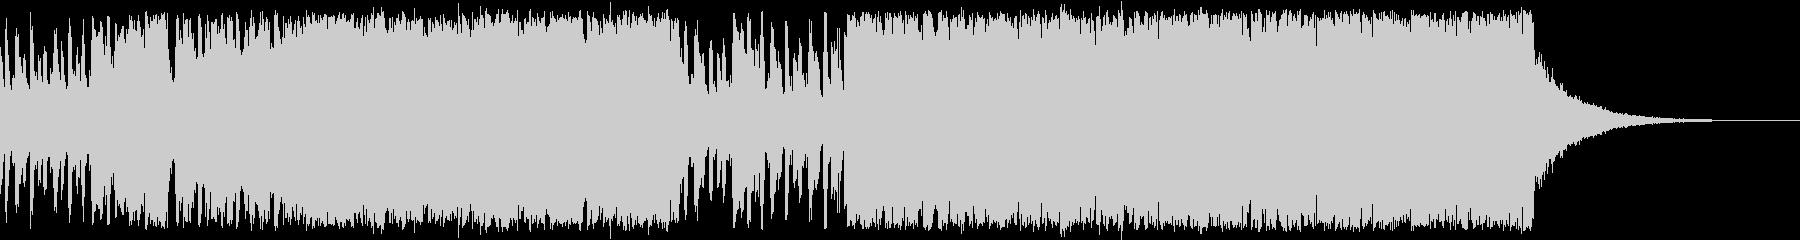 カジノ/変拍子のビッグバンドジャズの未再生の波形